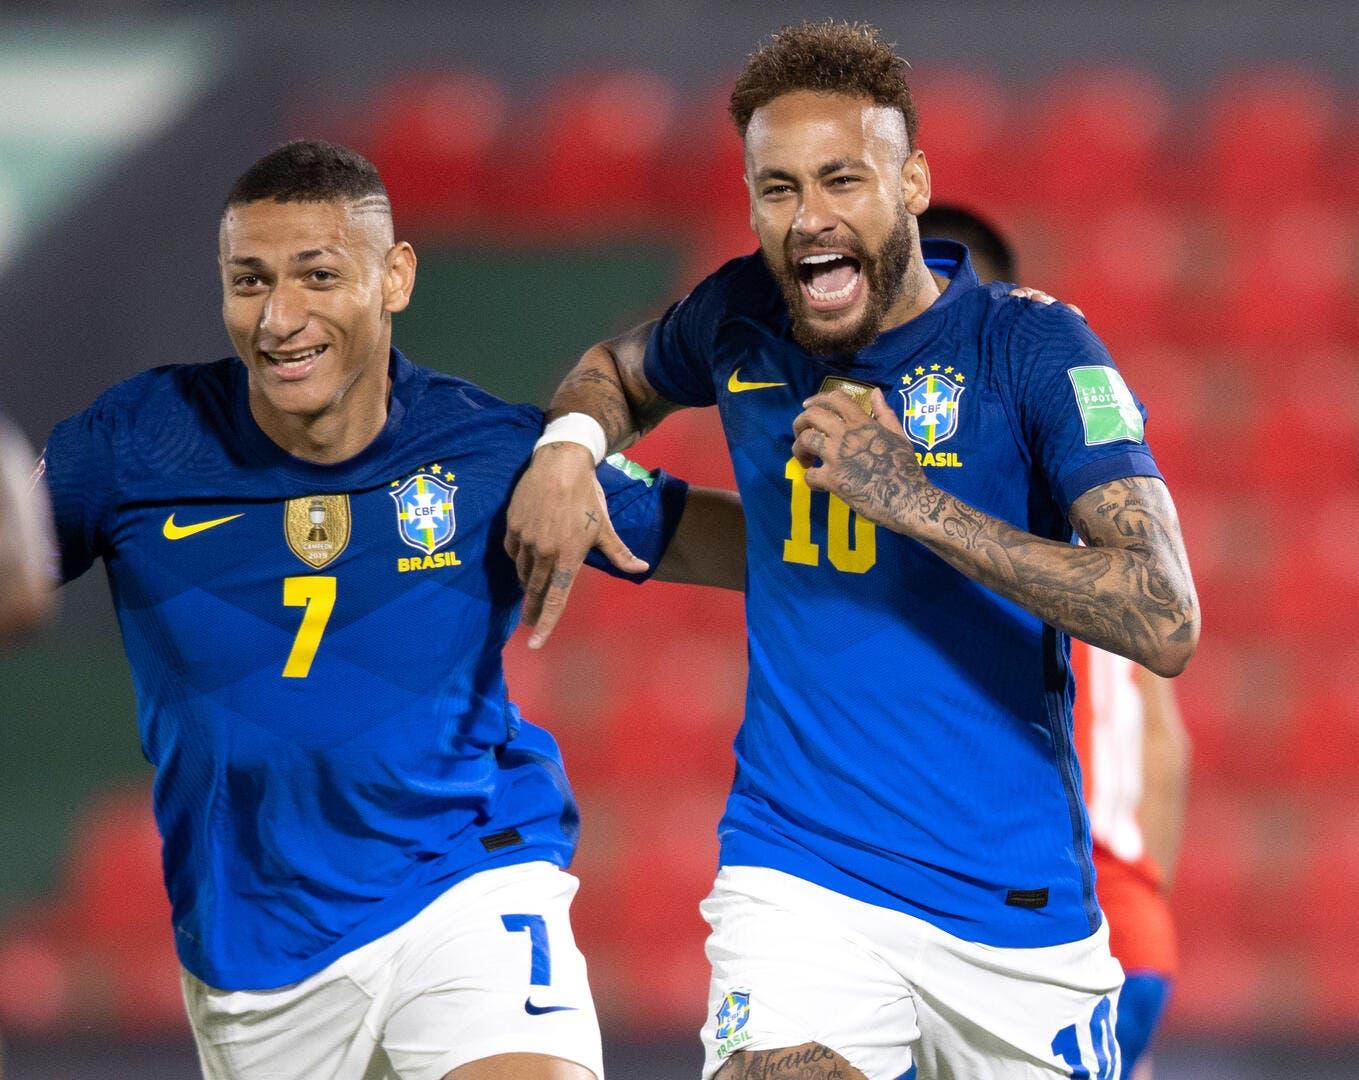 Neymar diffuse une photo privée, le Brésil rigole